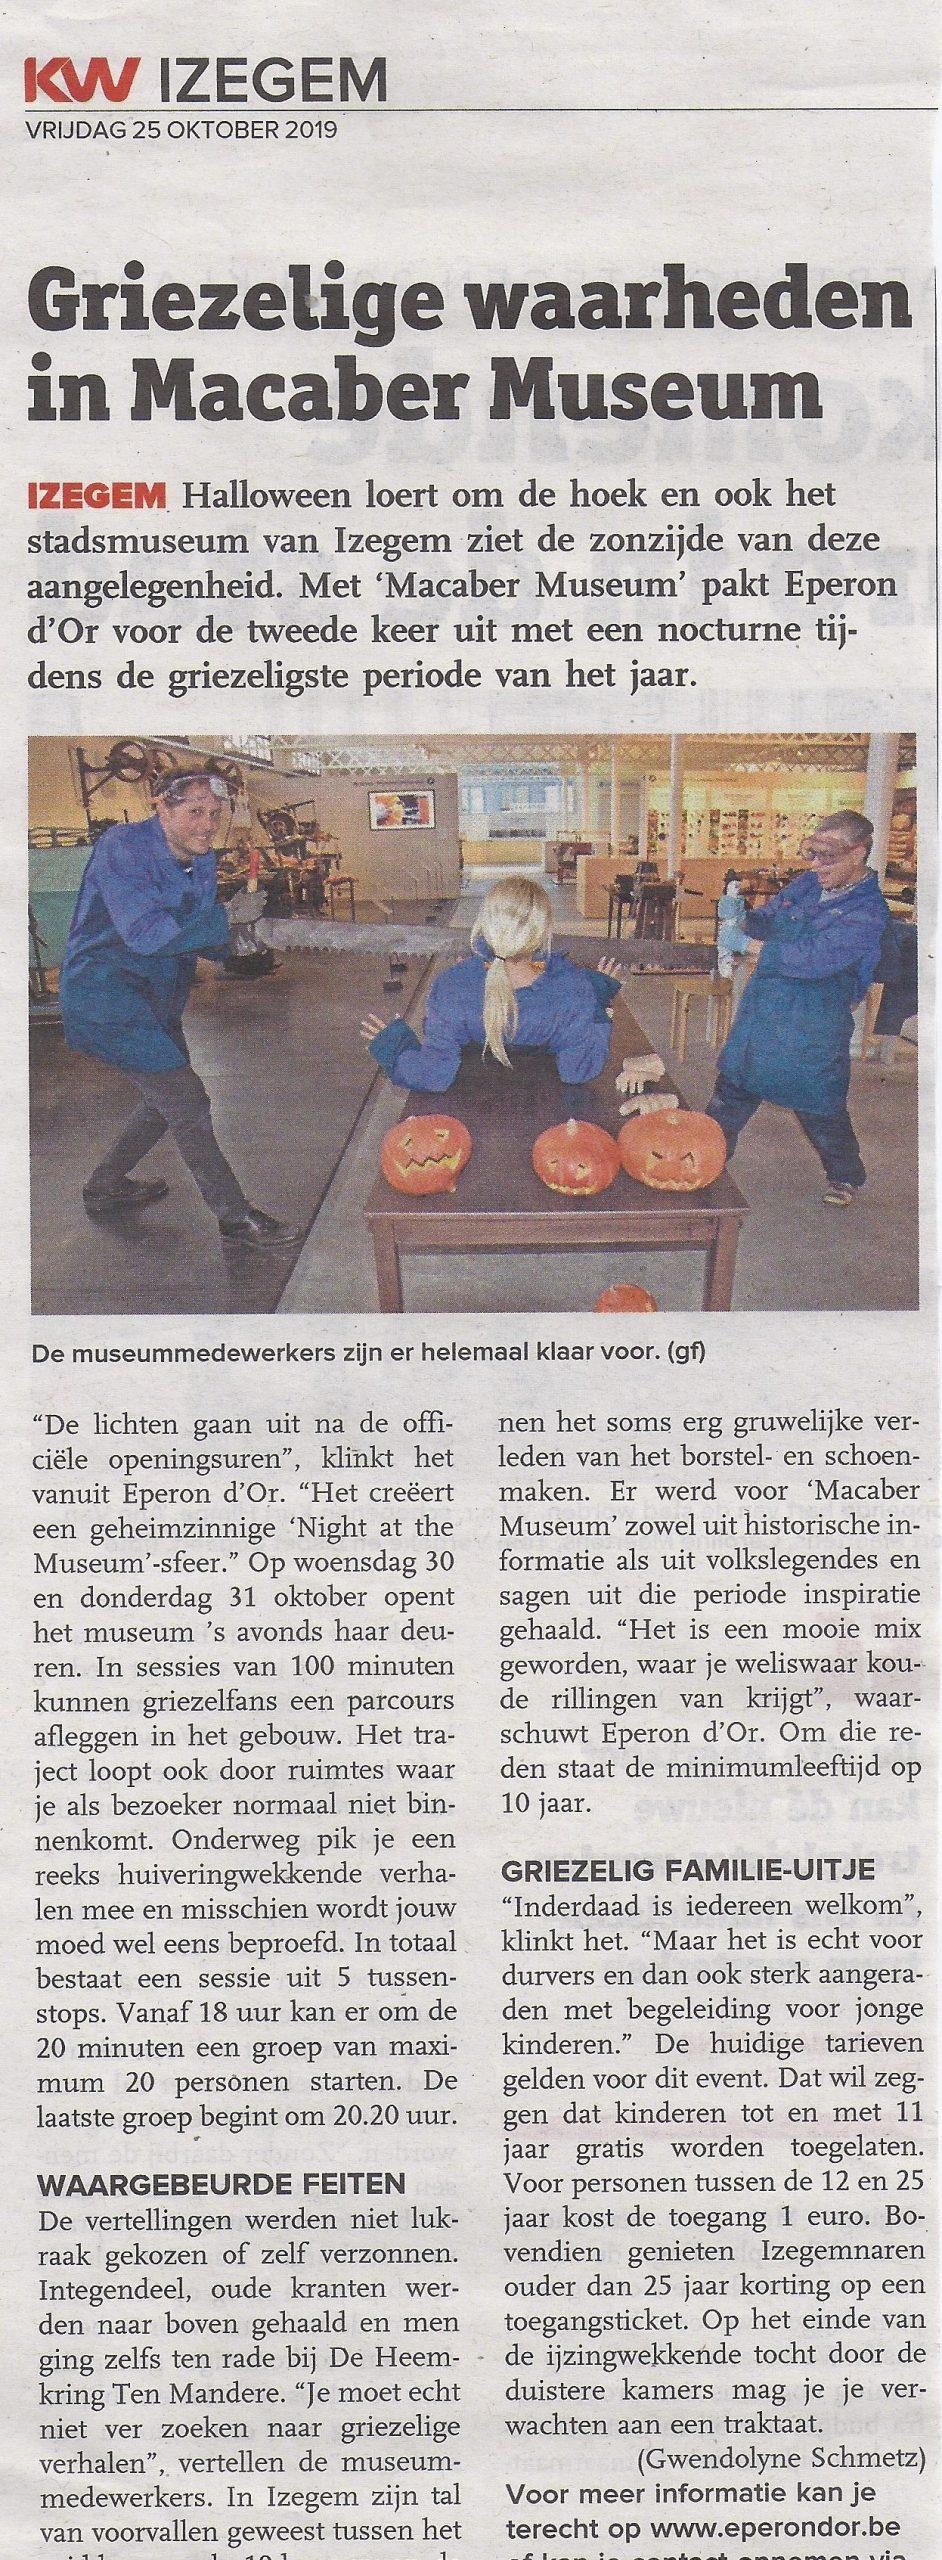 Macaber museum in Eperon D'or - Halloween special in het museum - 2019 KW Izegem